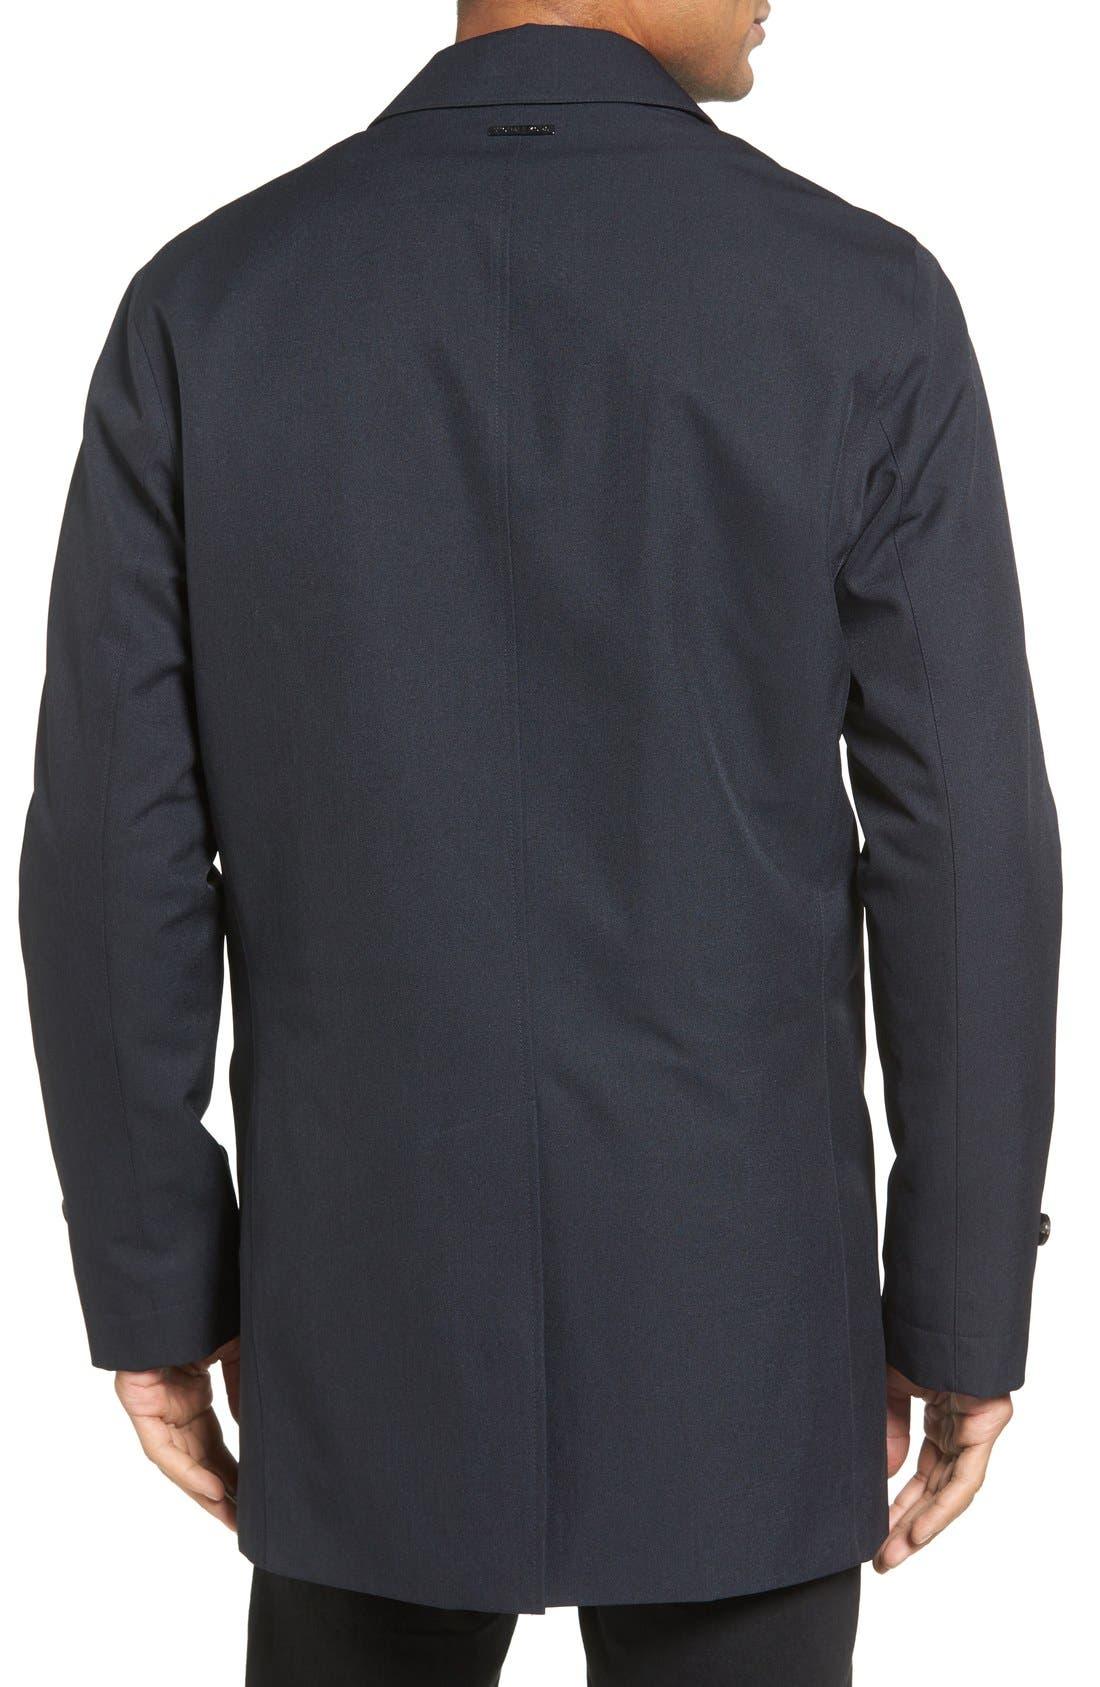 Waterproof Jacket,                             Alternate thumbnail 2, color,                             003